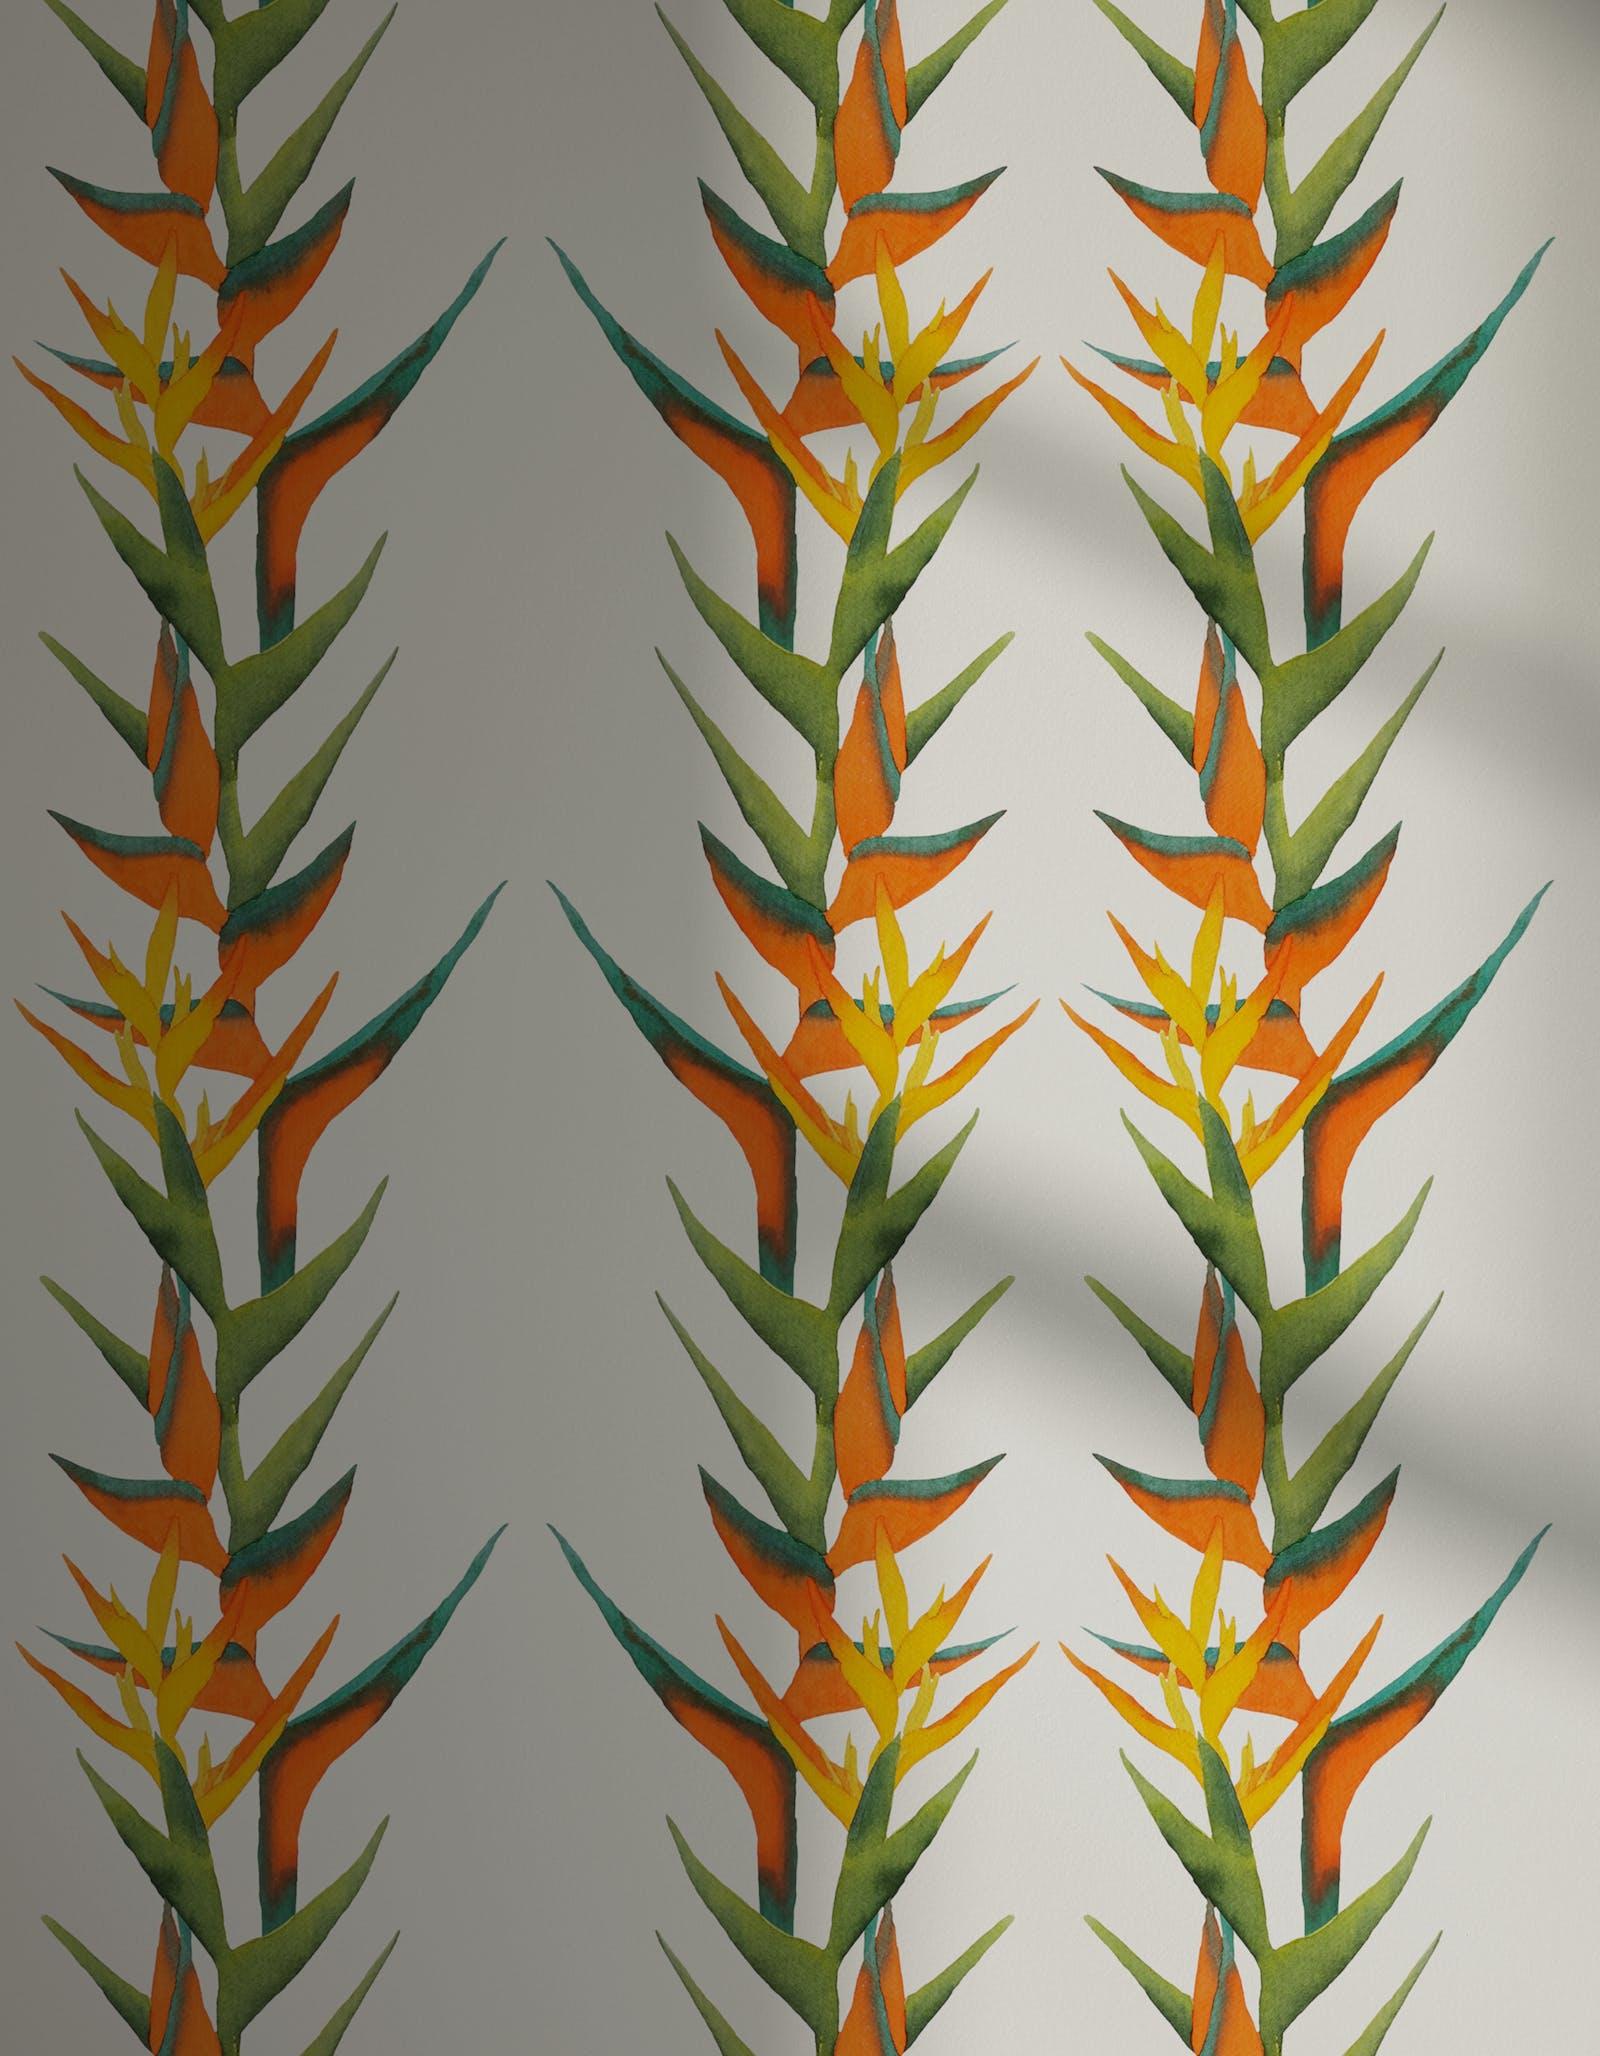 Lick x Belinda Bayley Paradise Vine 01 orange exotic botanical wallpaper with shadow